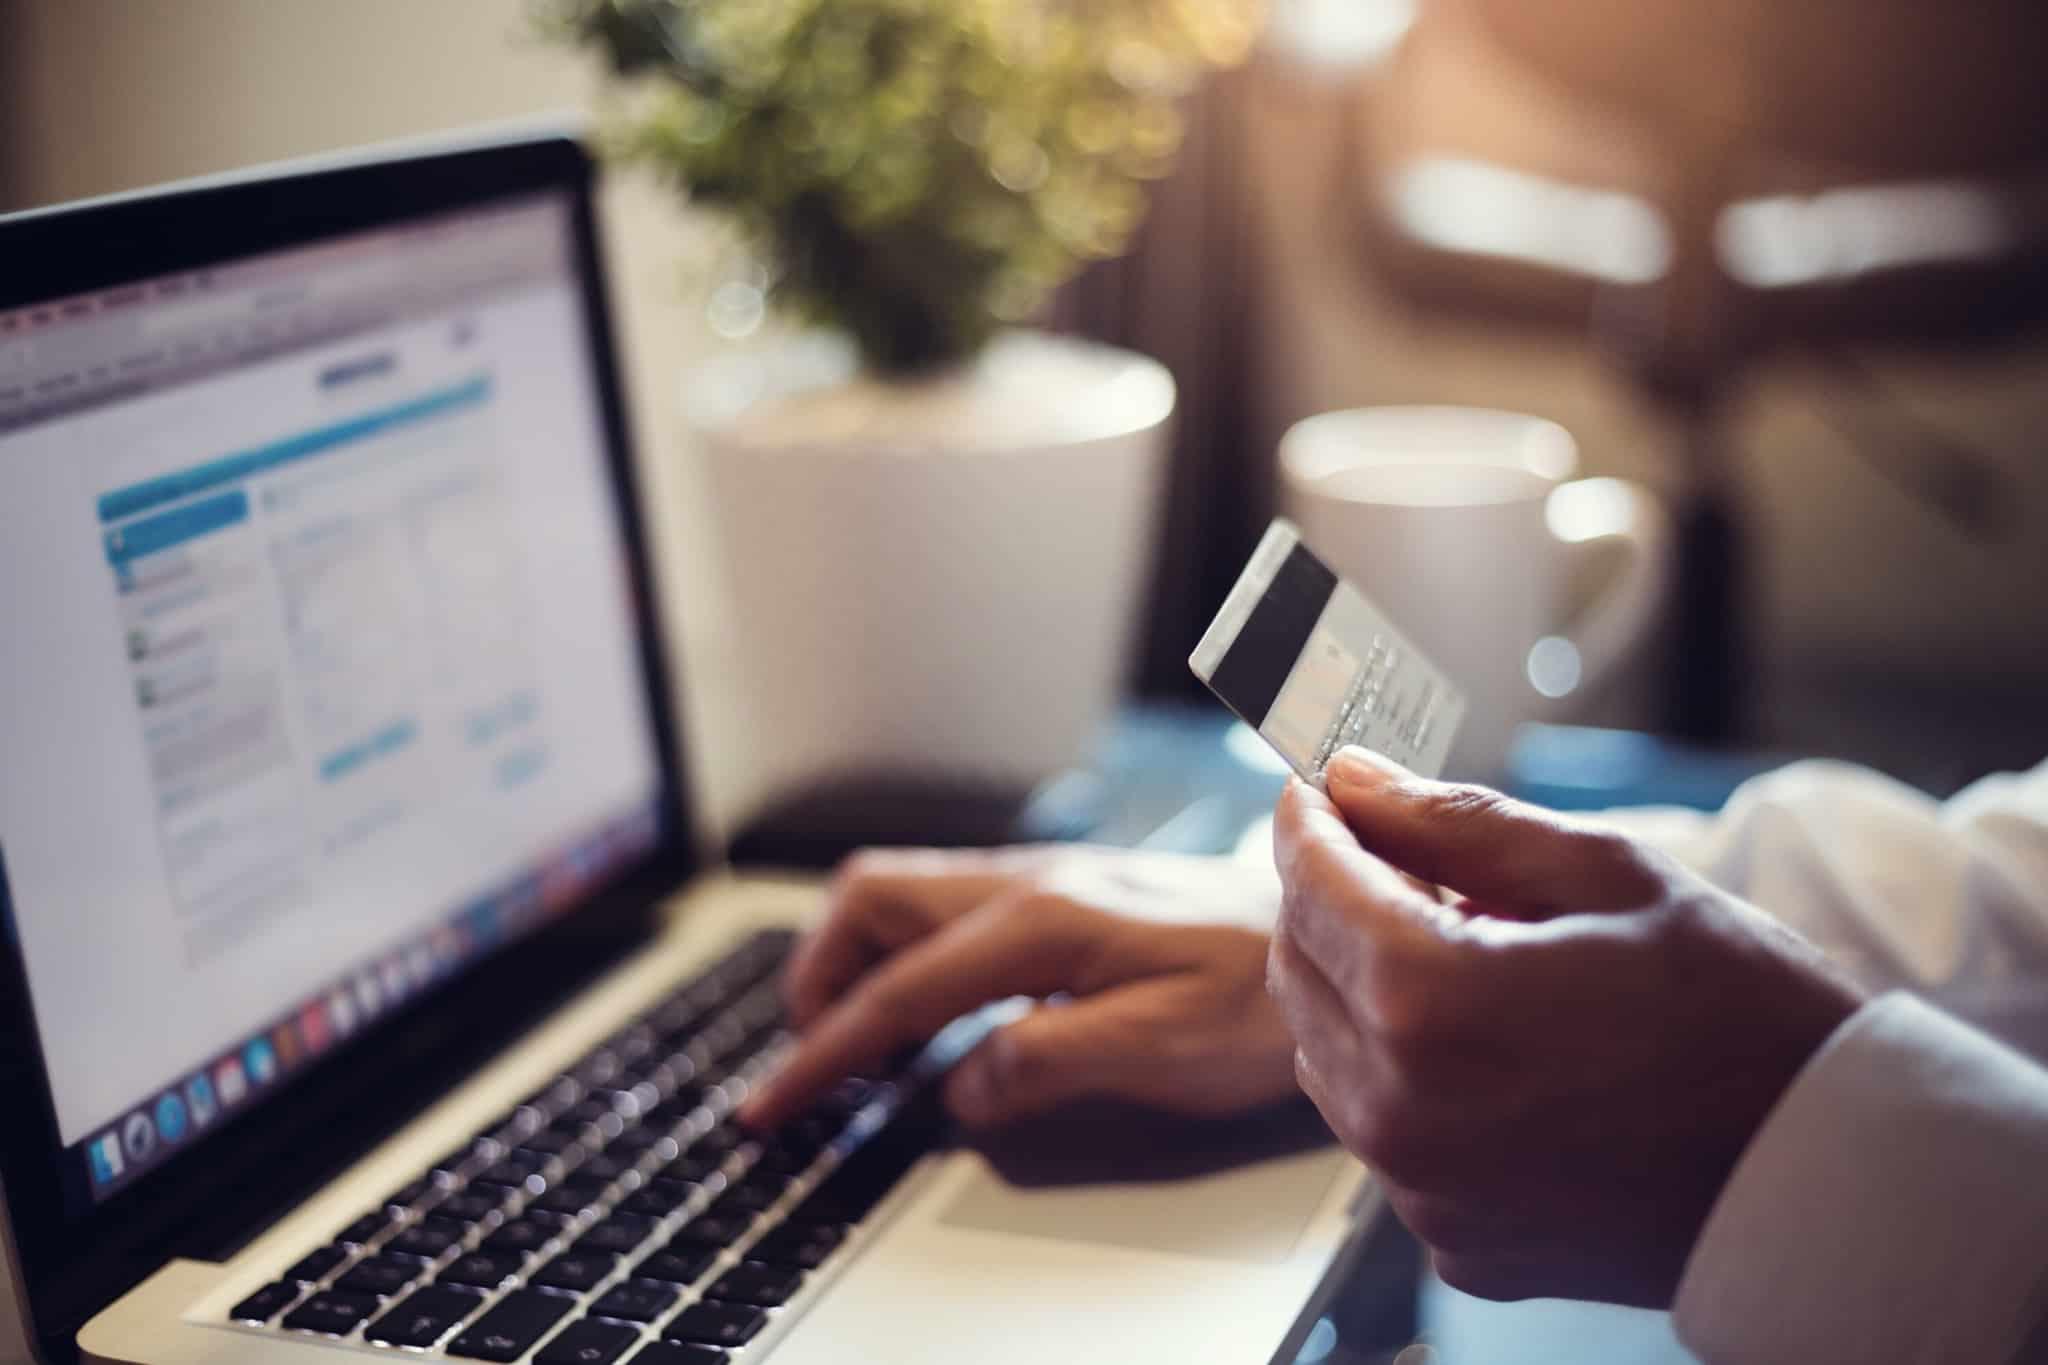 fazer compras online com cartao de crédito na mão